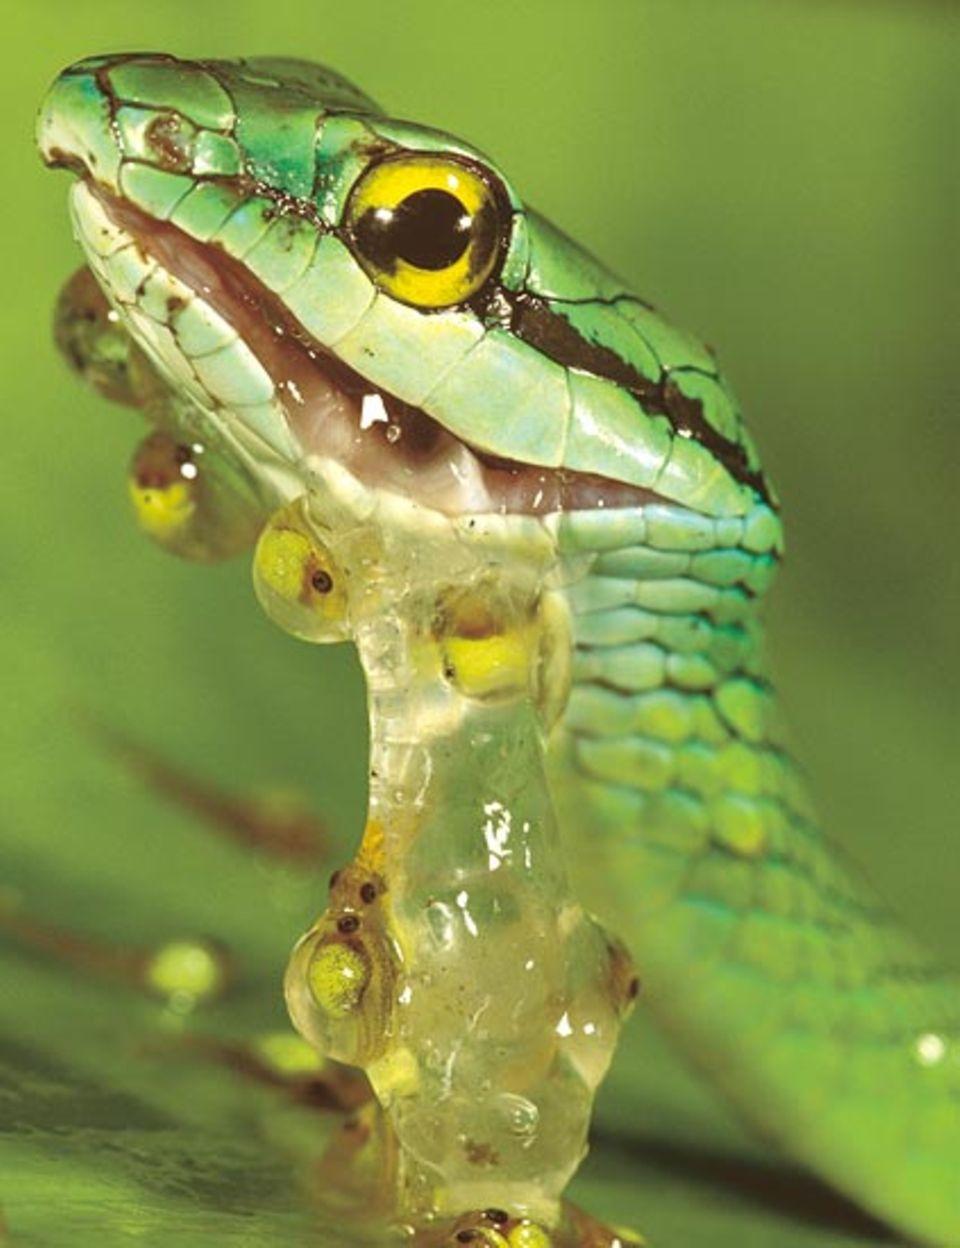 Wenn ein Feind naht, können die Larven des Rotaugenfrosches blitzschnell ihren Schlupftermin vorverlegen. Dann beißt die Schlange in reinen Gallert